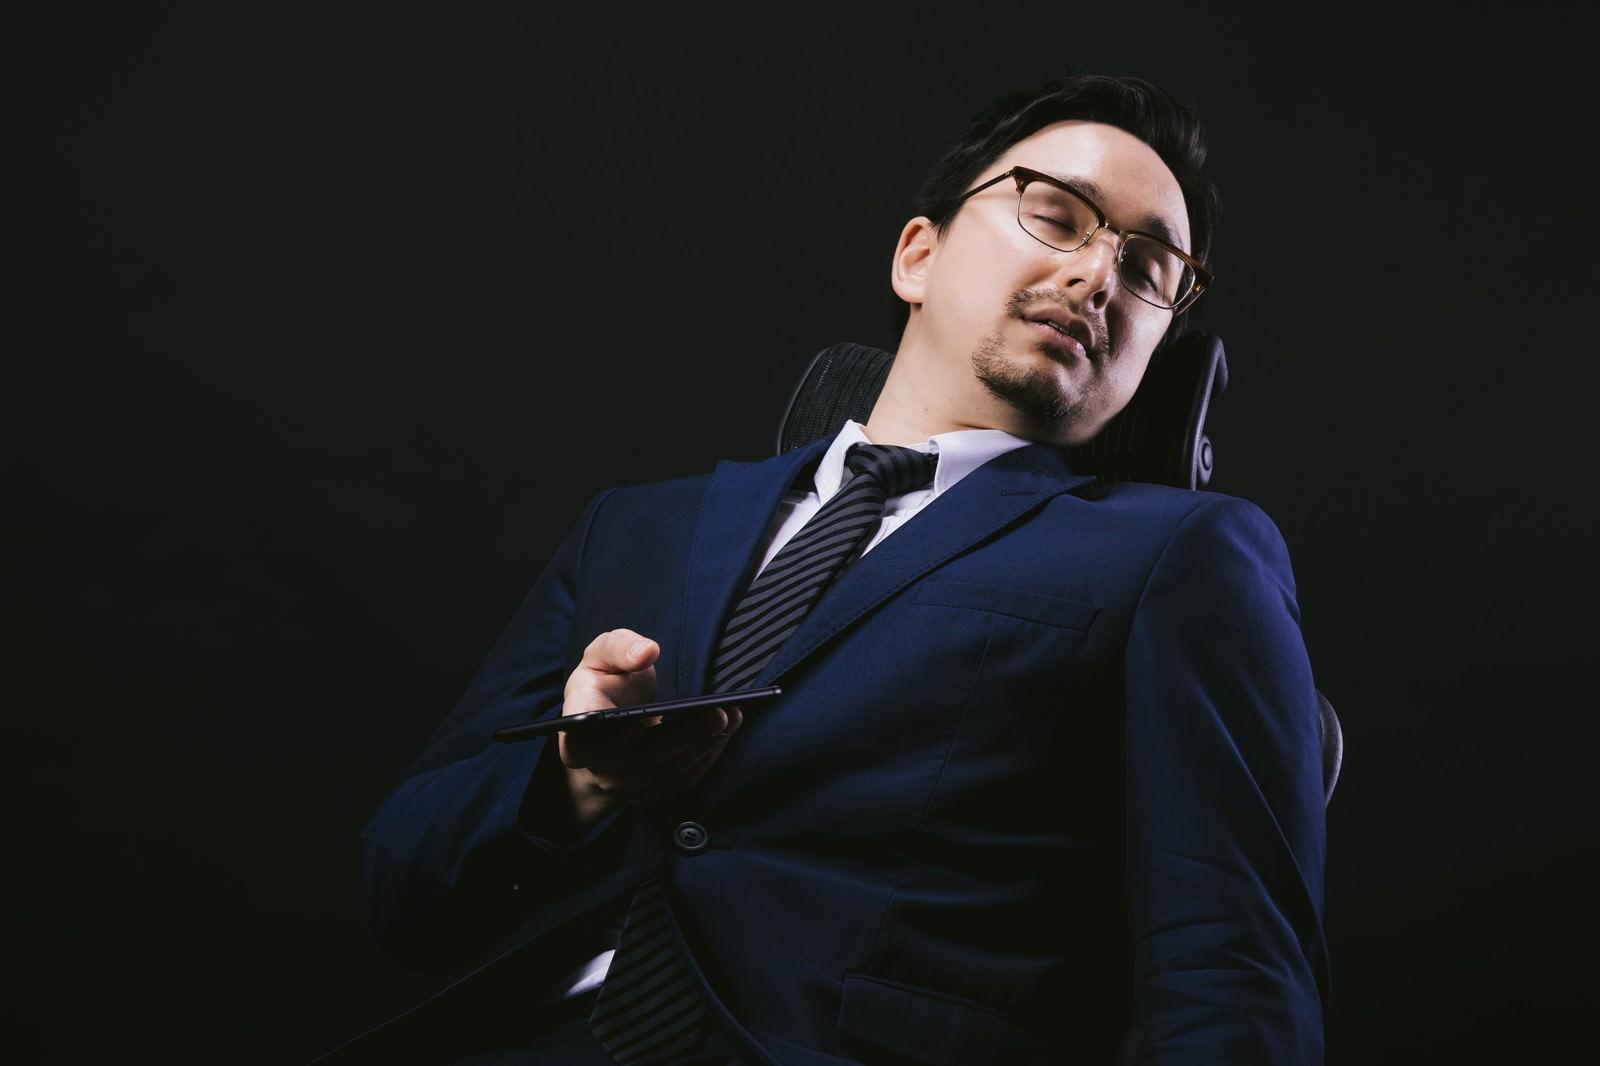 「会社の椅子でスマホやりながら寝落ち会社の椅子でスマホやりながら寝落ち」[モデル:Max_Ezaki]のフリー写真素材を拡大